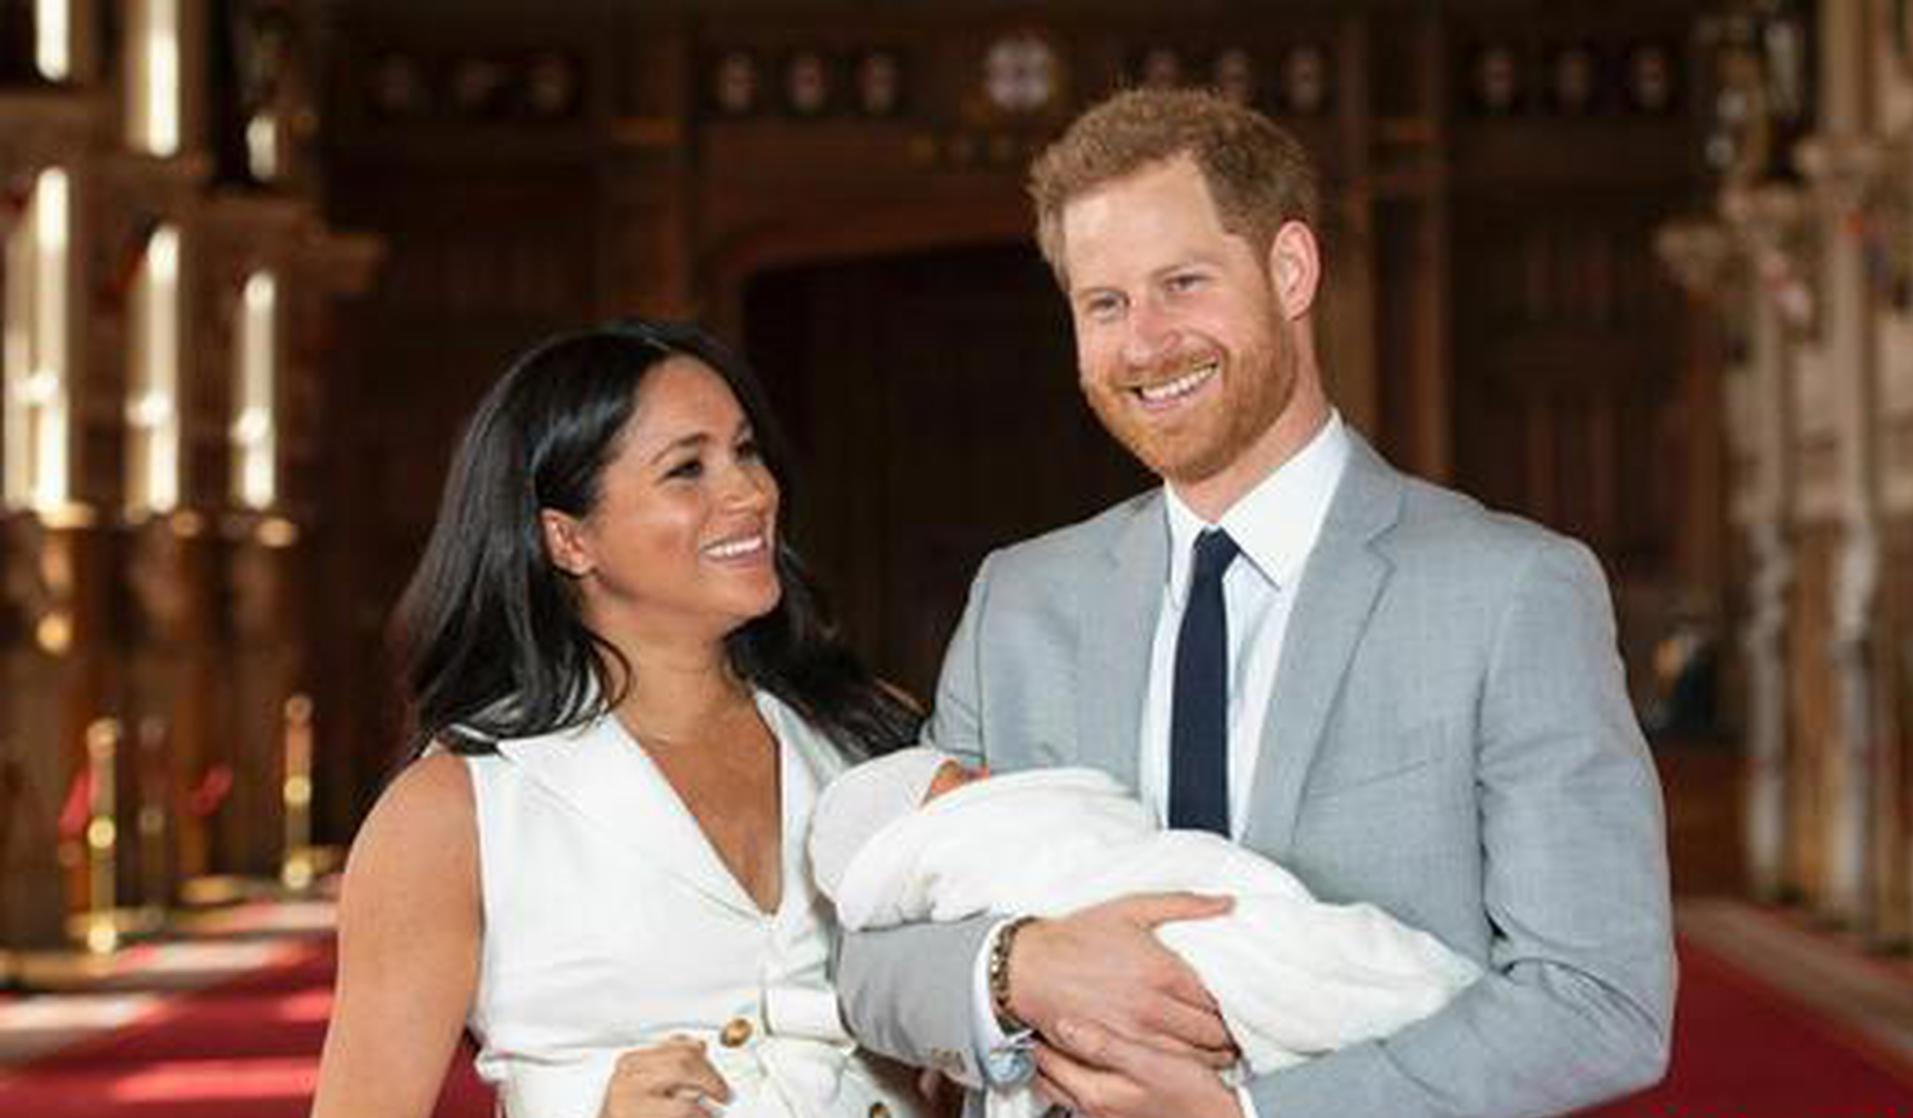 哈里王子起诉英国报纸发行人诽谤:媒体